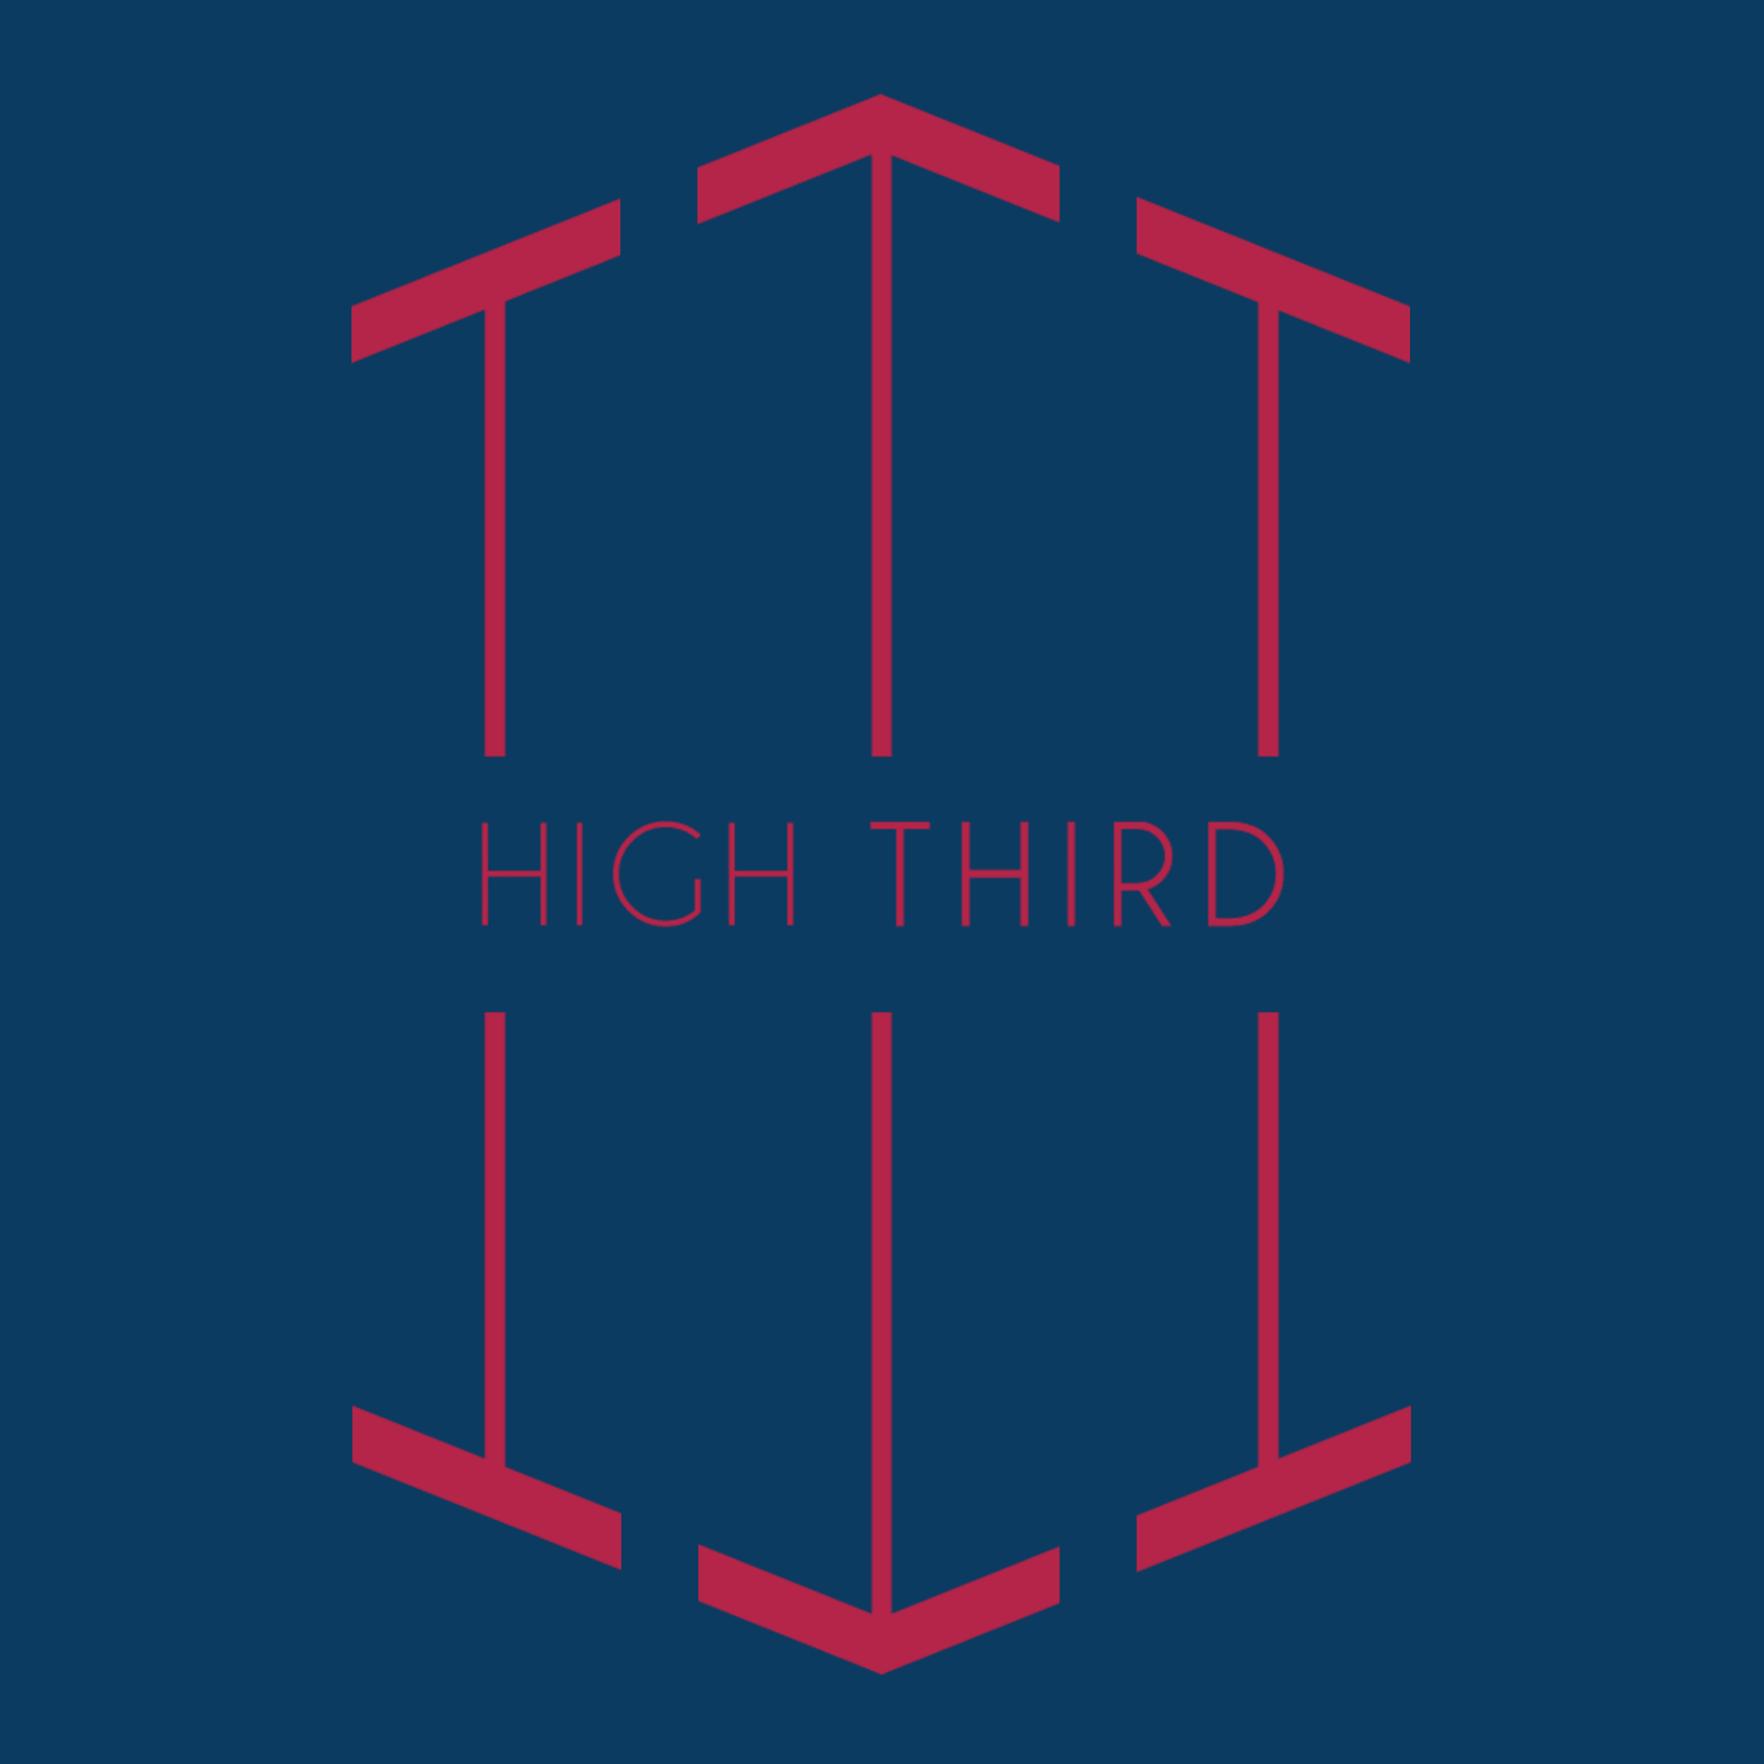 High Third